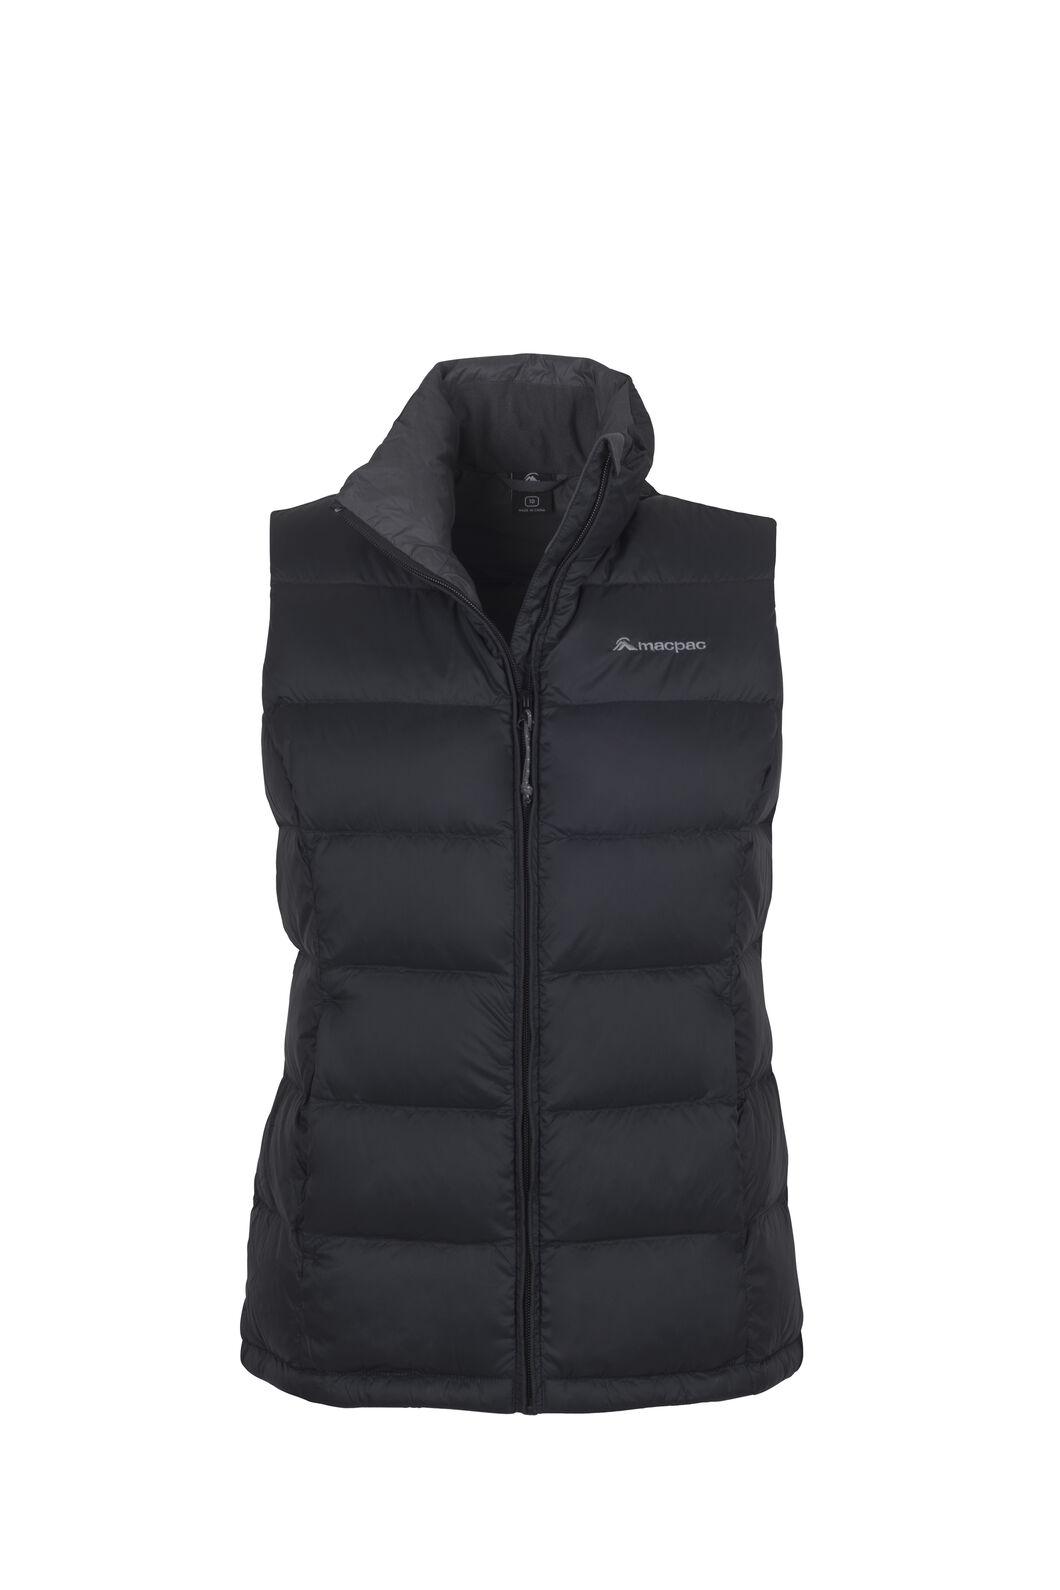 Macpac Halo Down Vest — Women's, Black, hi-res